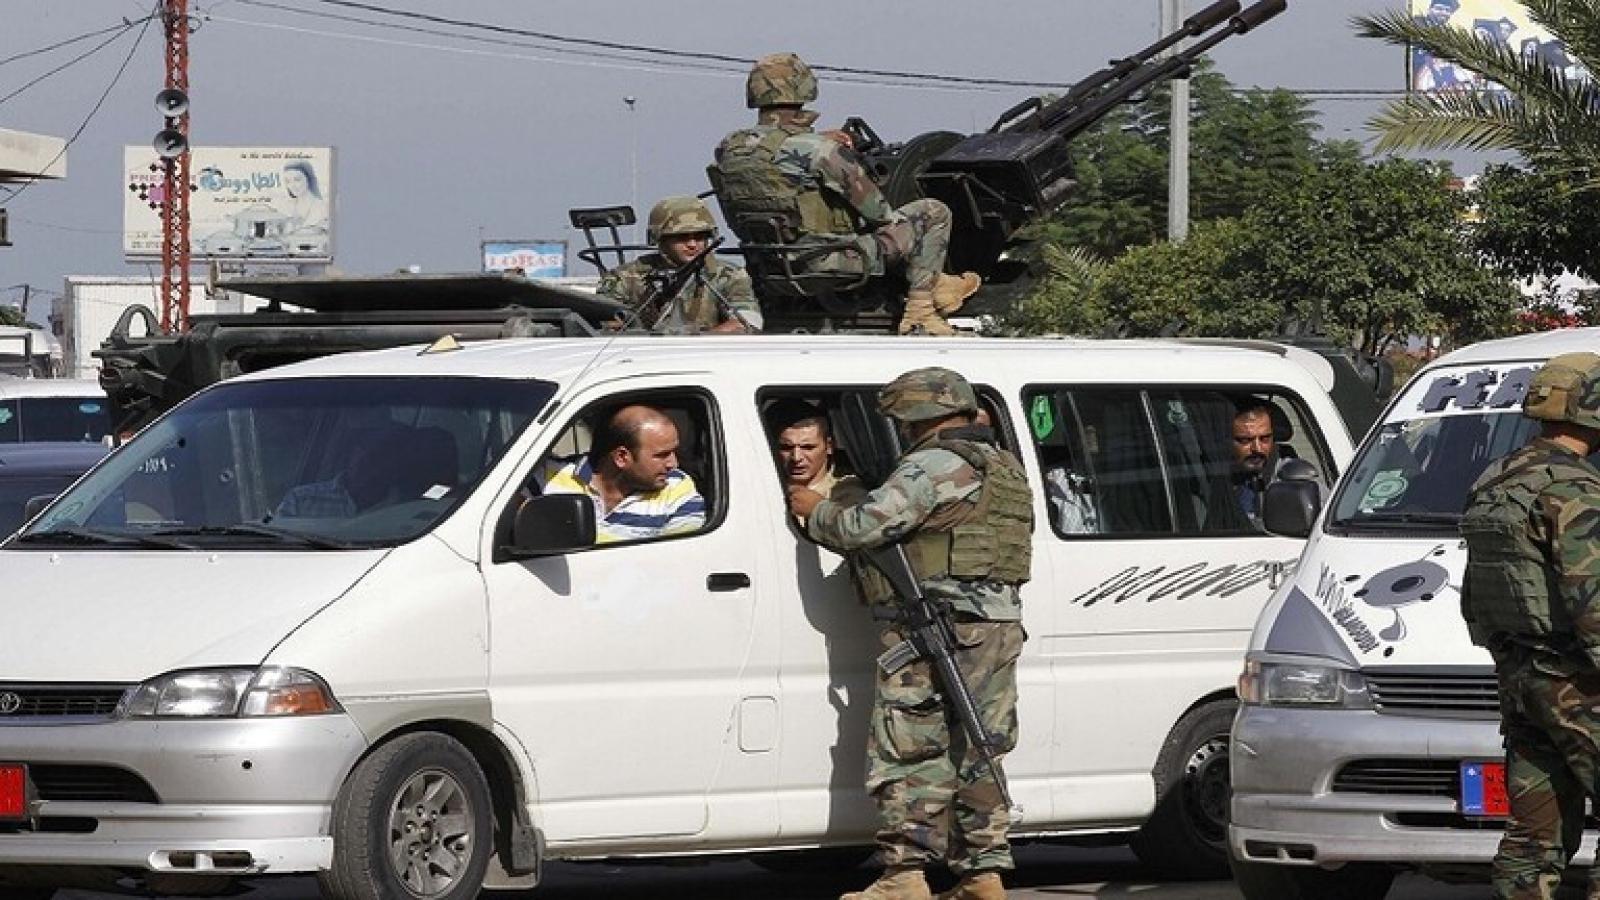 Phát hiện hàng chục thành viên IS, Lebanon mở chiến dịch tiêu diệt khủng bố